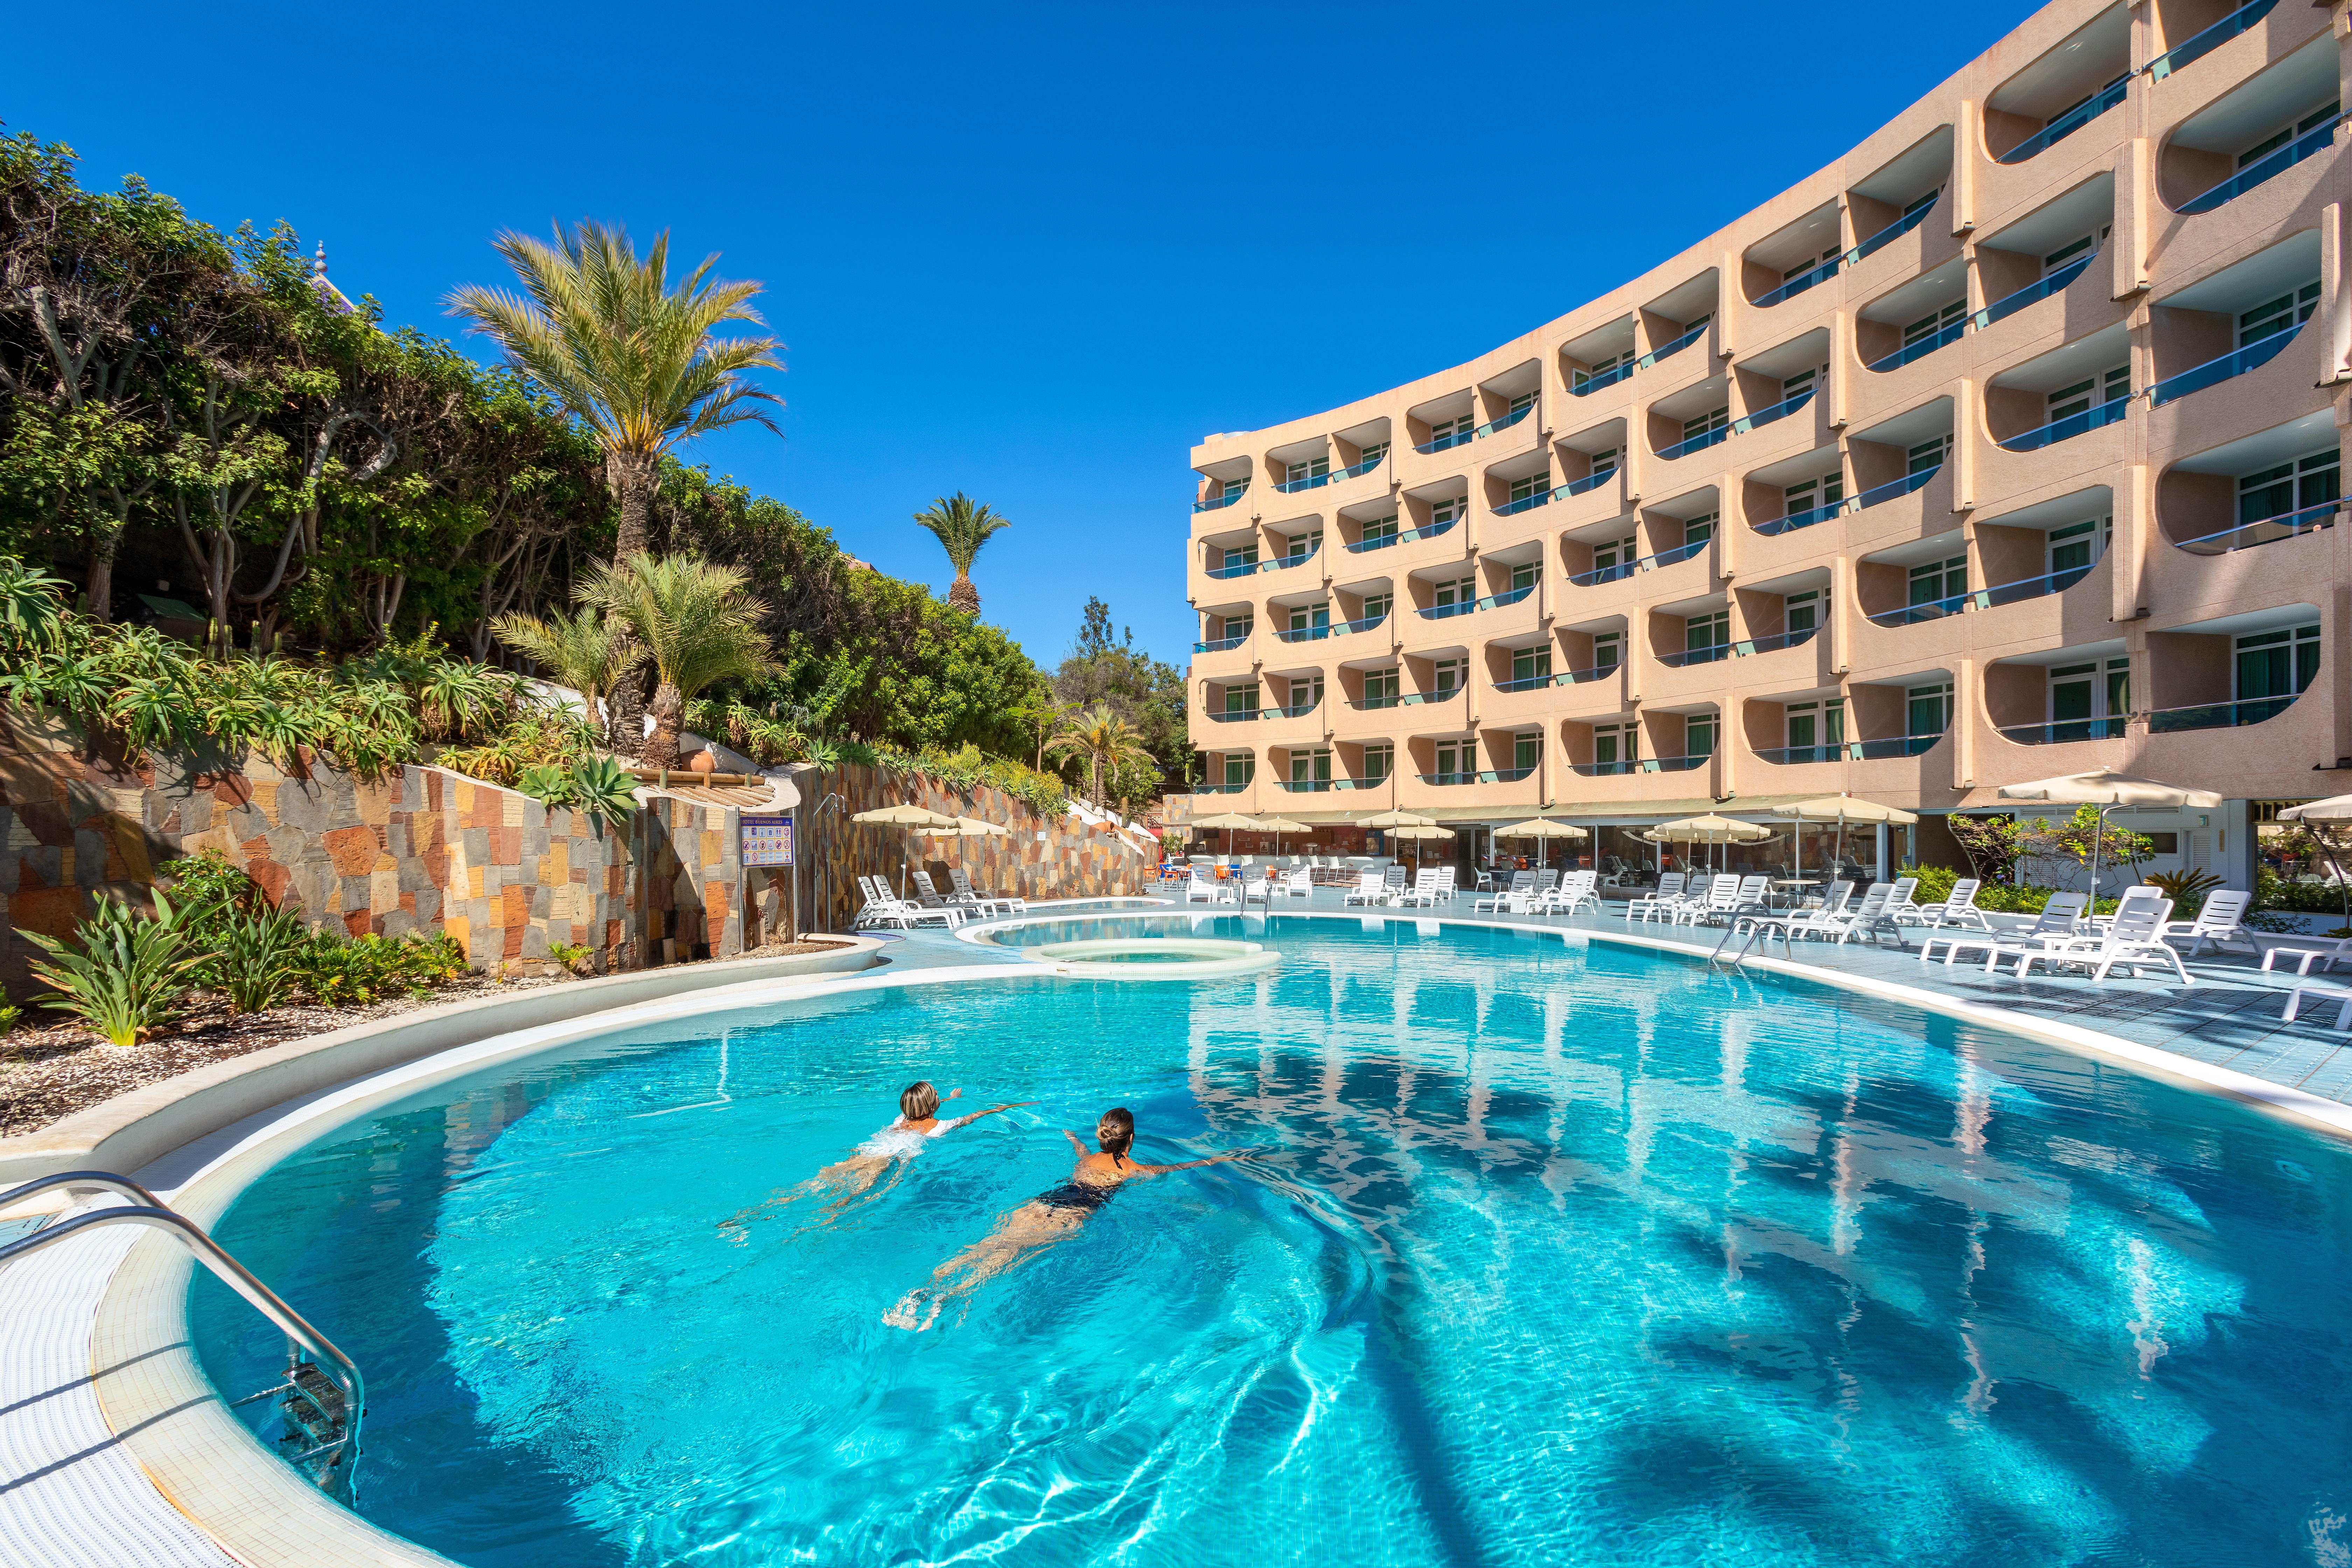 Apartments buenos aires gran canaria in playa del ingles holidaycheck gran canaria spanien - Apartamentos playa del ingles economicos ...